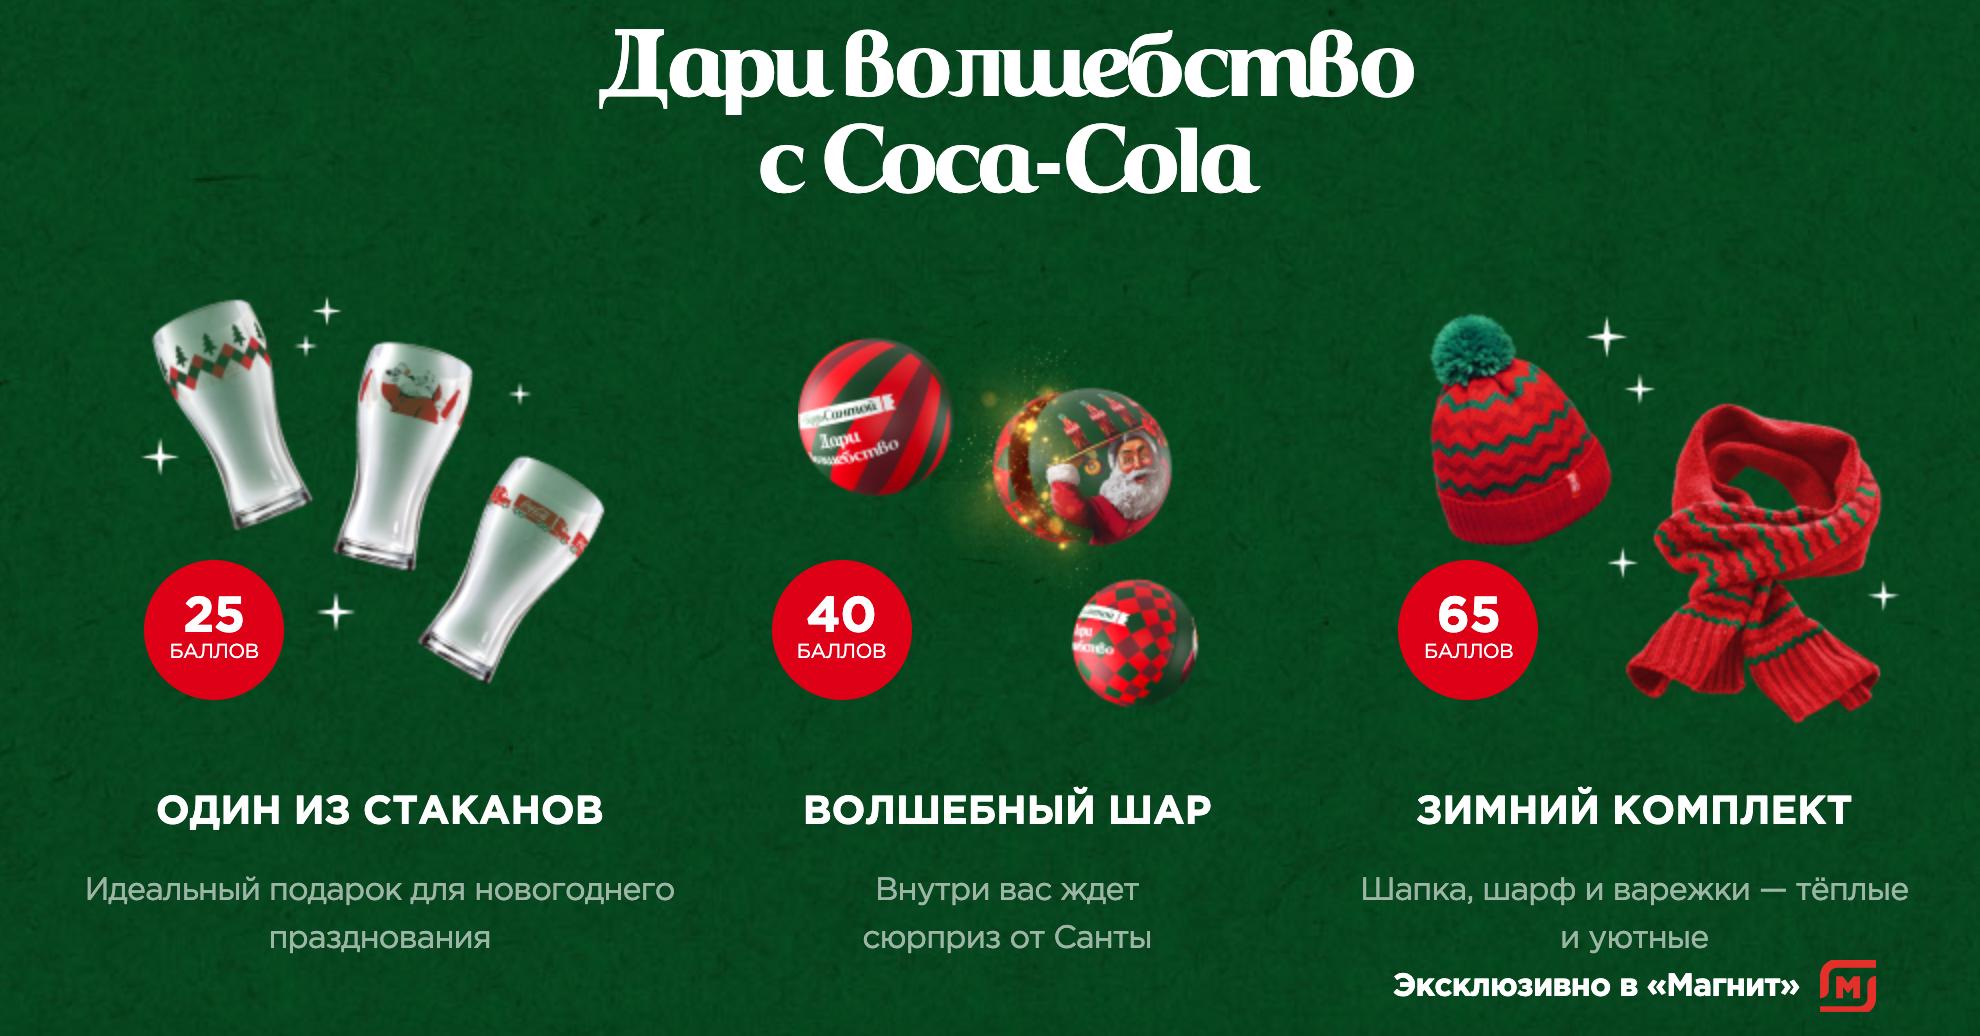 акция кока-кола 2019 зима призы